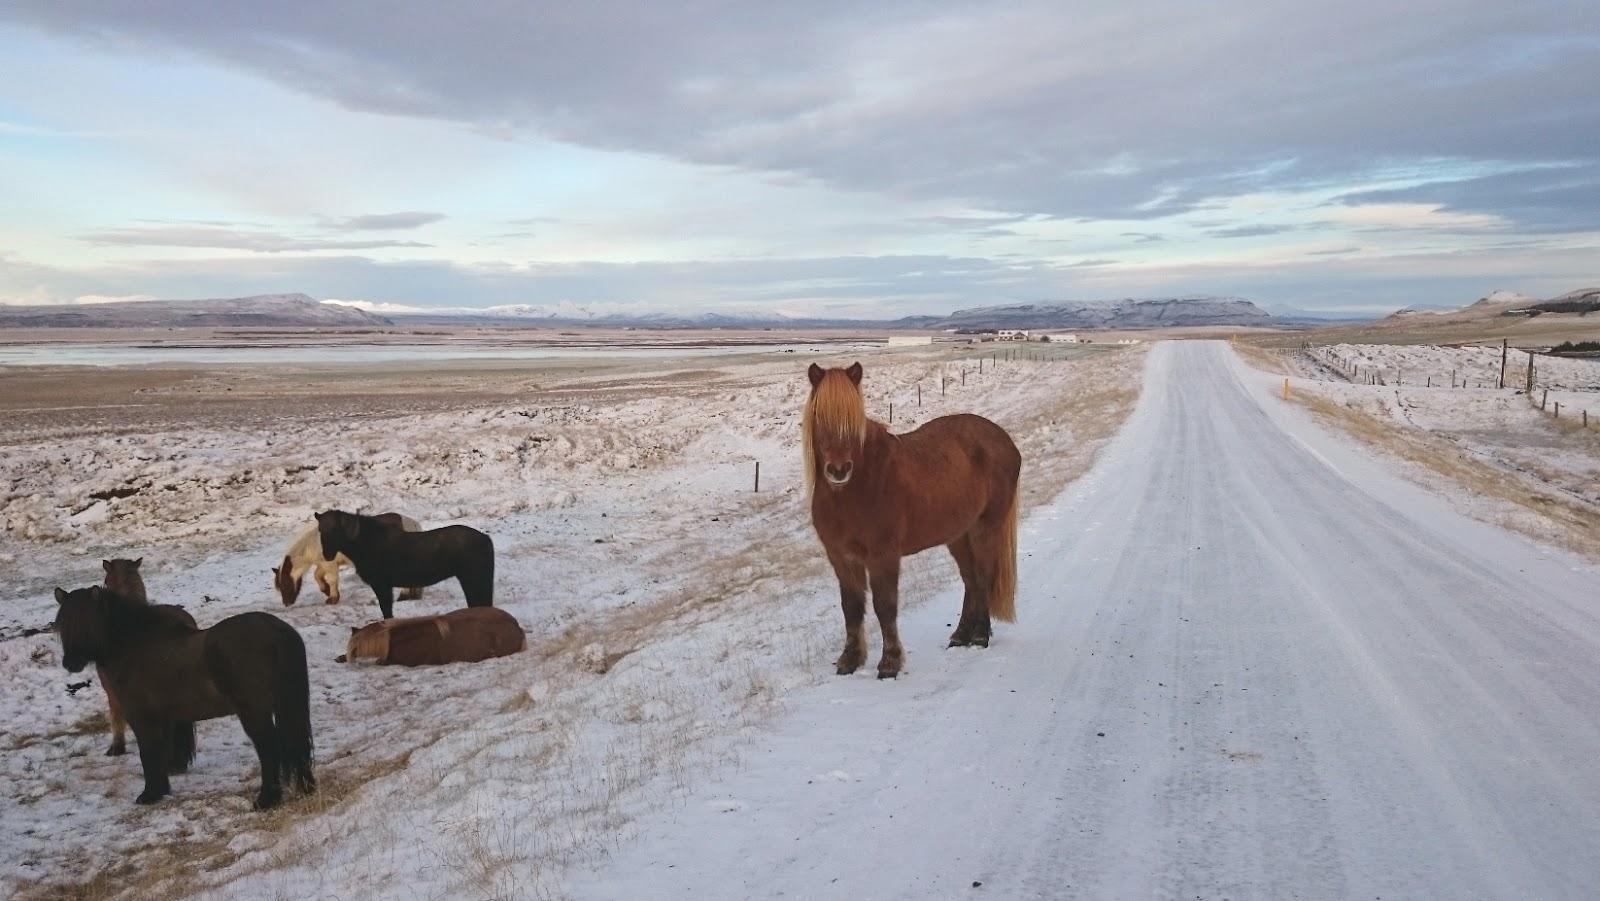 islandzkie konie, islandzka droga, Islandia, zwiedzanie Islandii, blog o Islandii, atrakcje Islandii